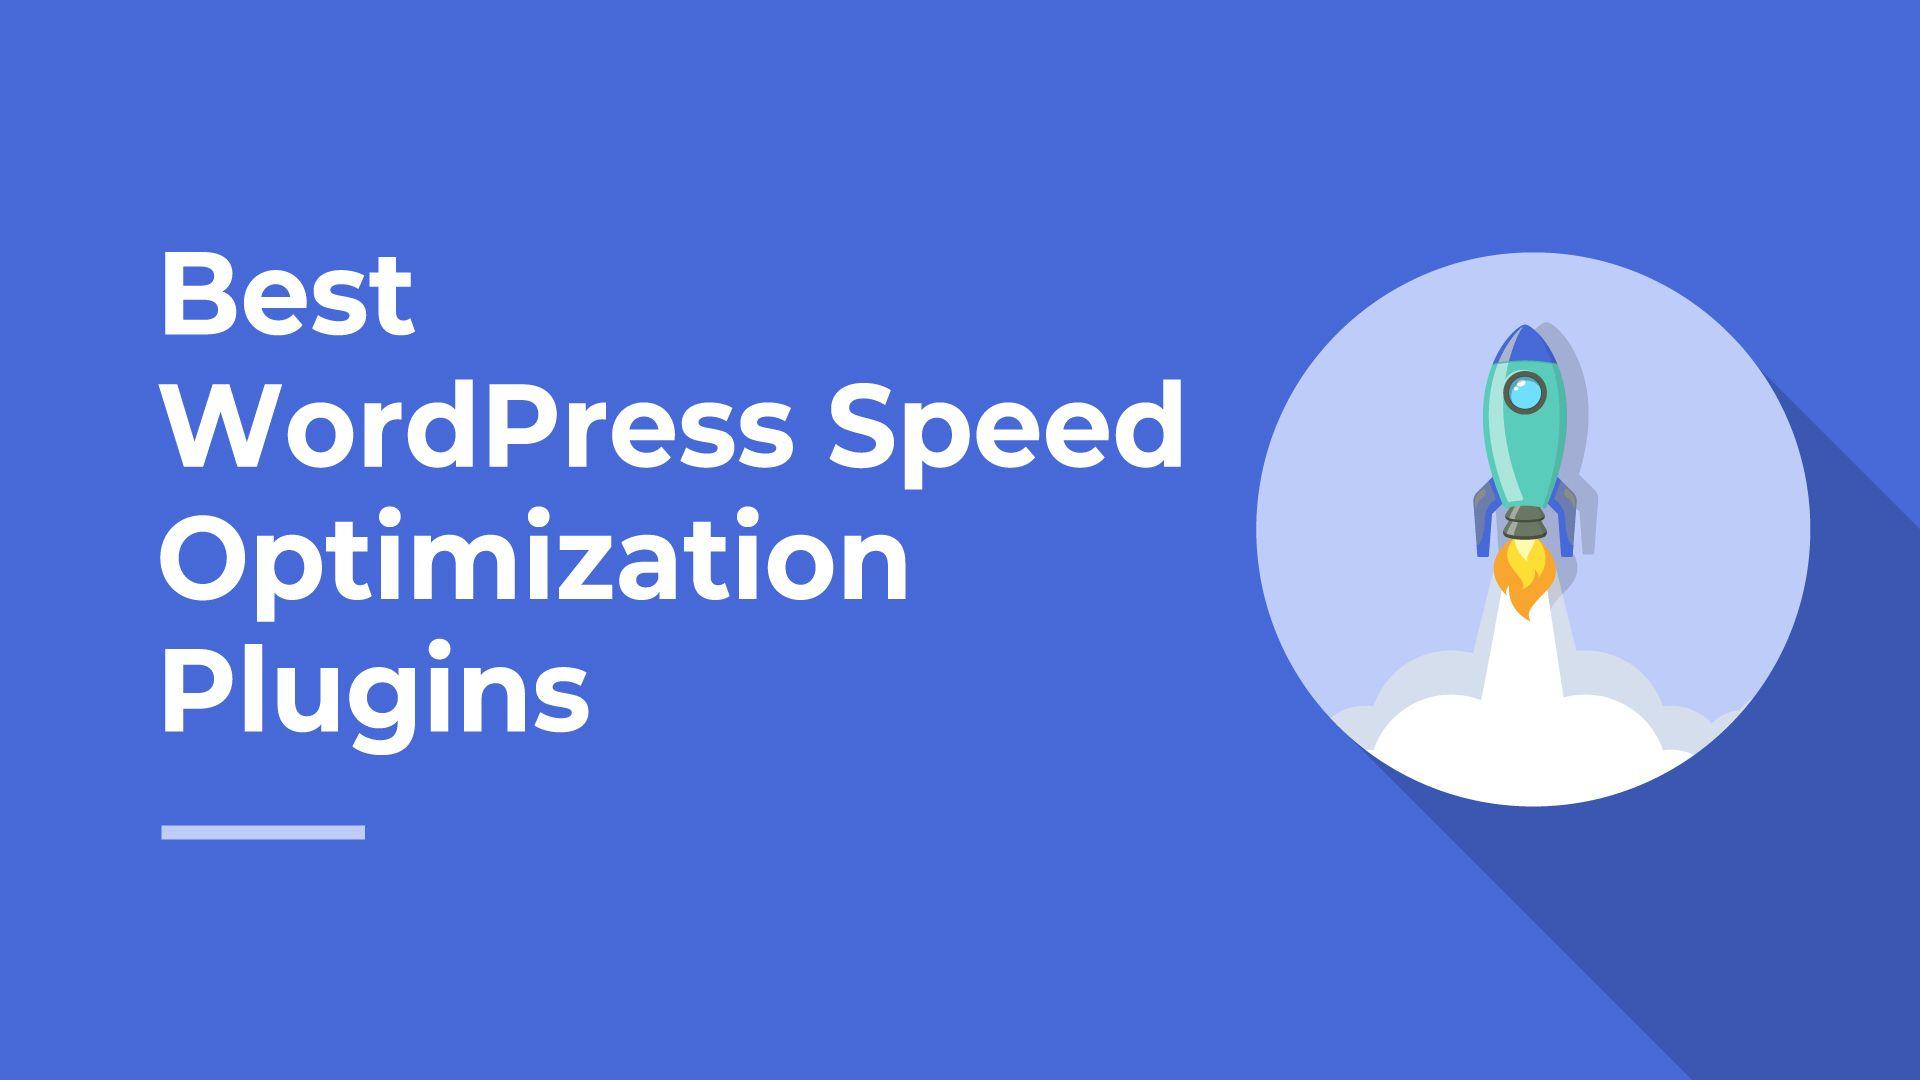 En İyi WordPress Hız Optimizasyon Eklentileri, öne çıkan görüntü